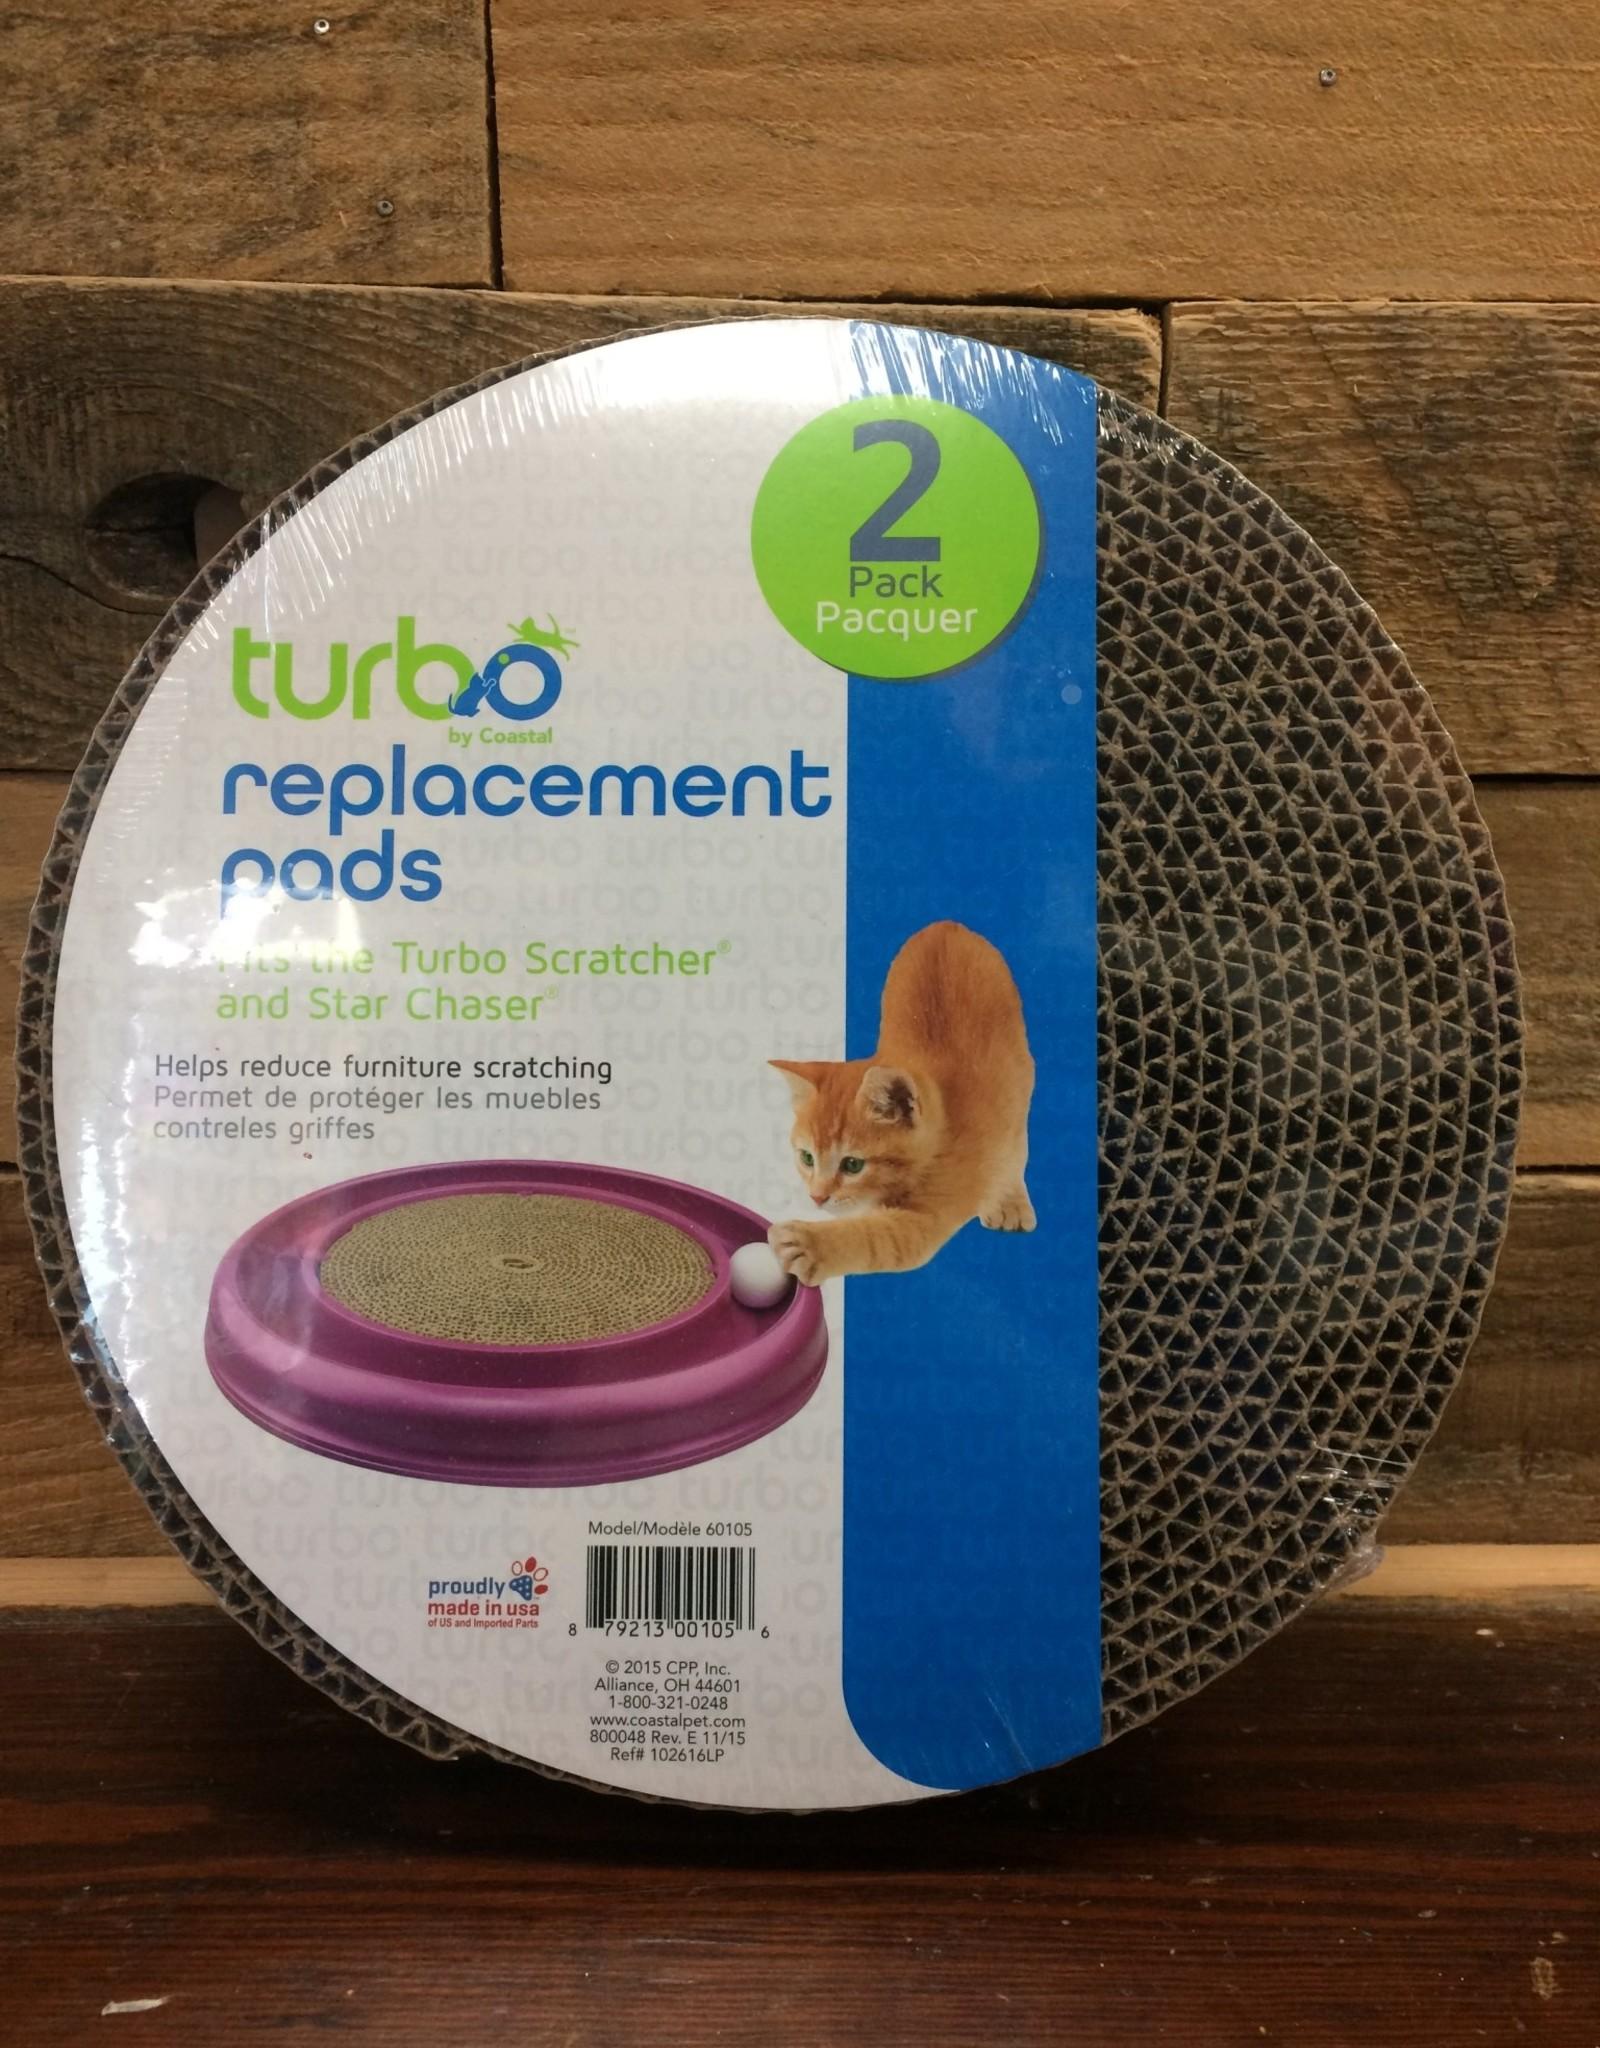 Coastal Pet Products - Bergan Bergan turbo scratcher replacement pad